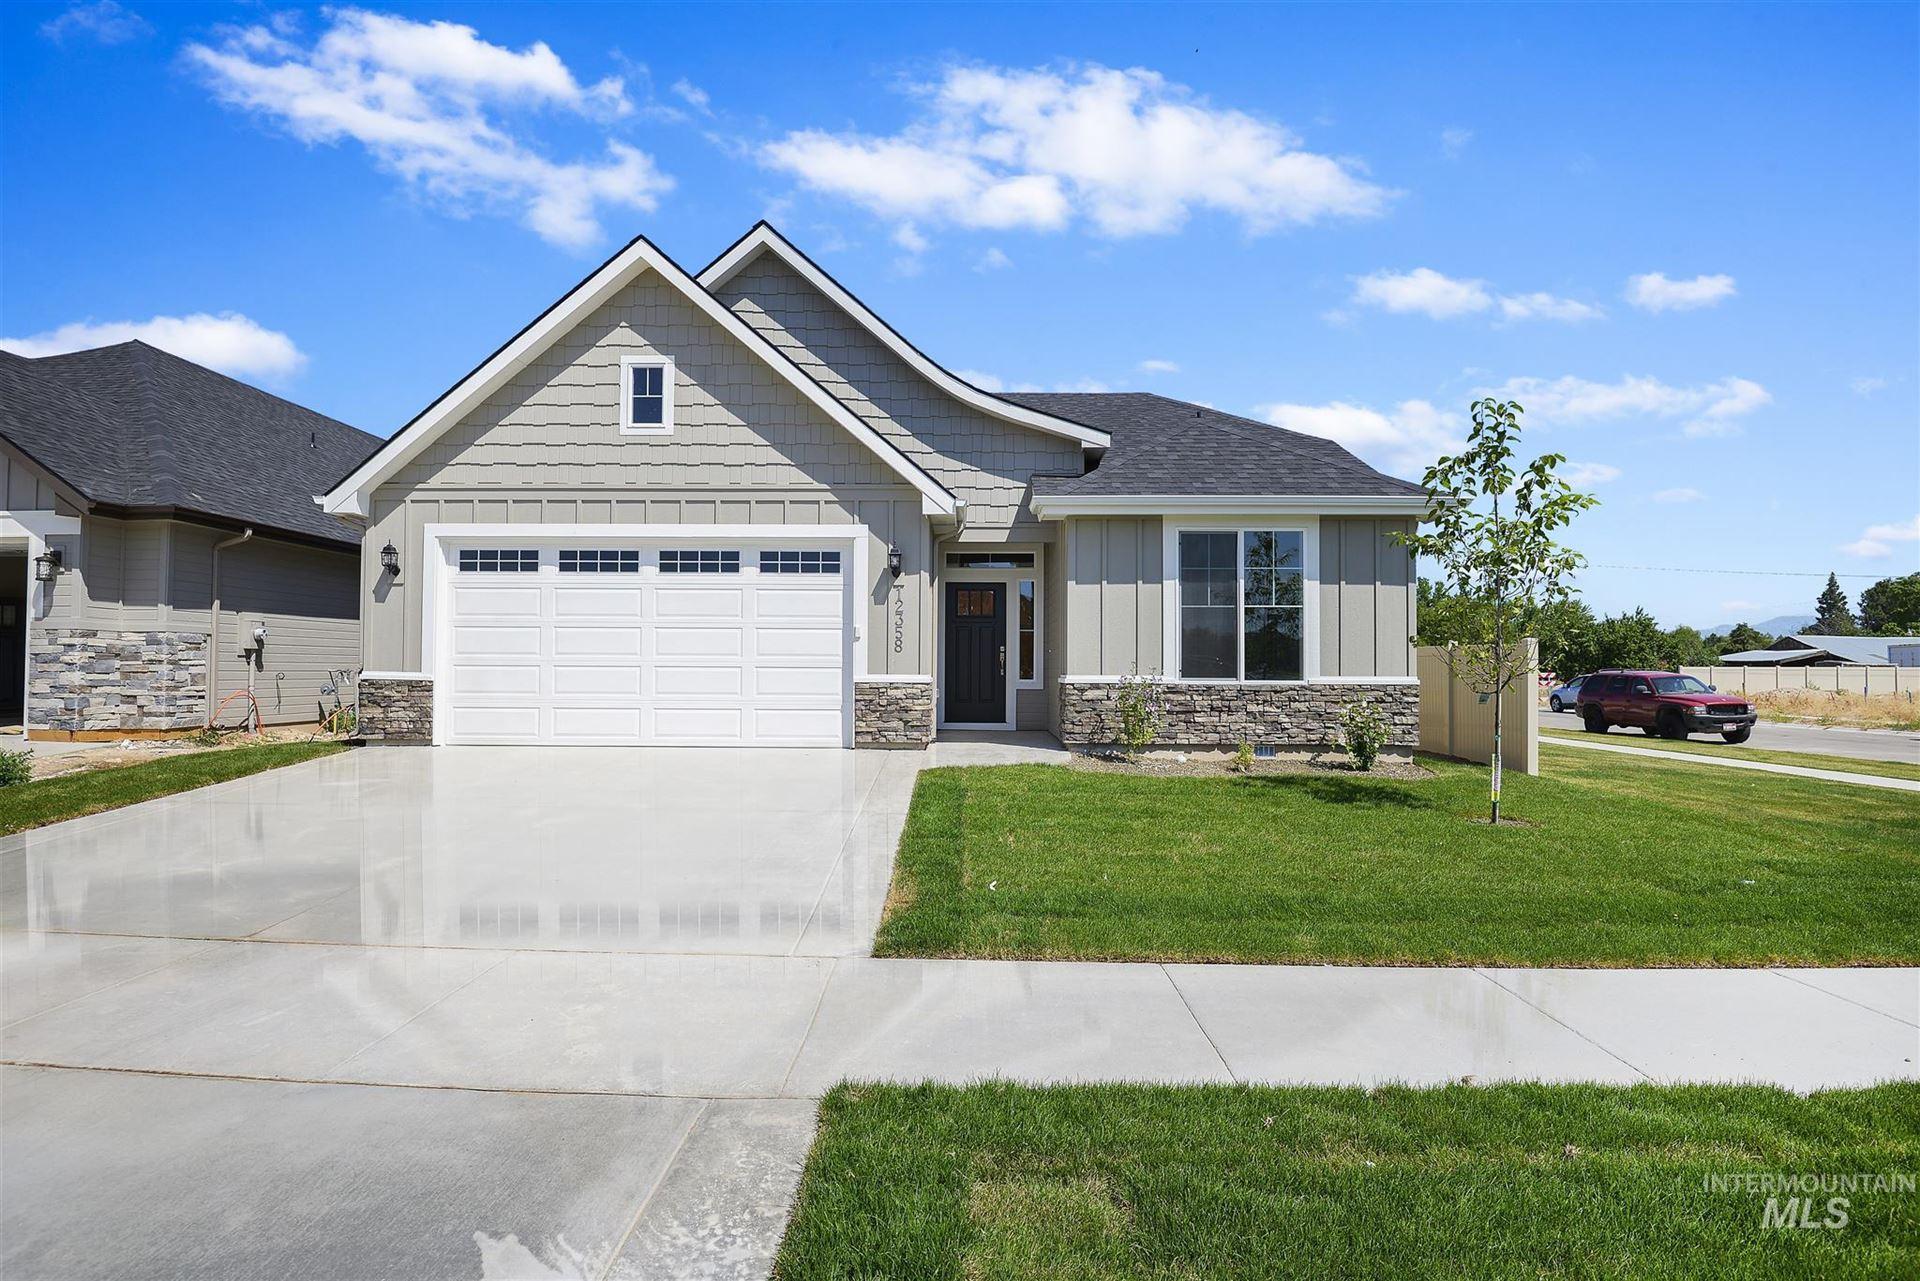 Photo of 12358 W Brentor St., Boise, ID 83709 (MLS # 98776366)